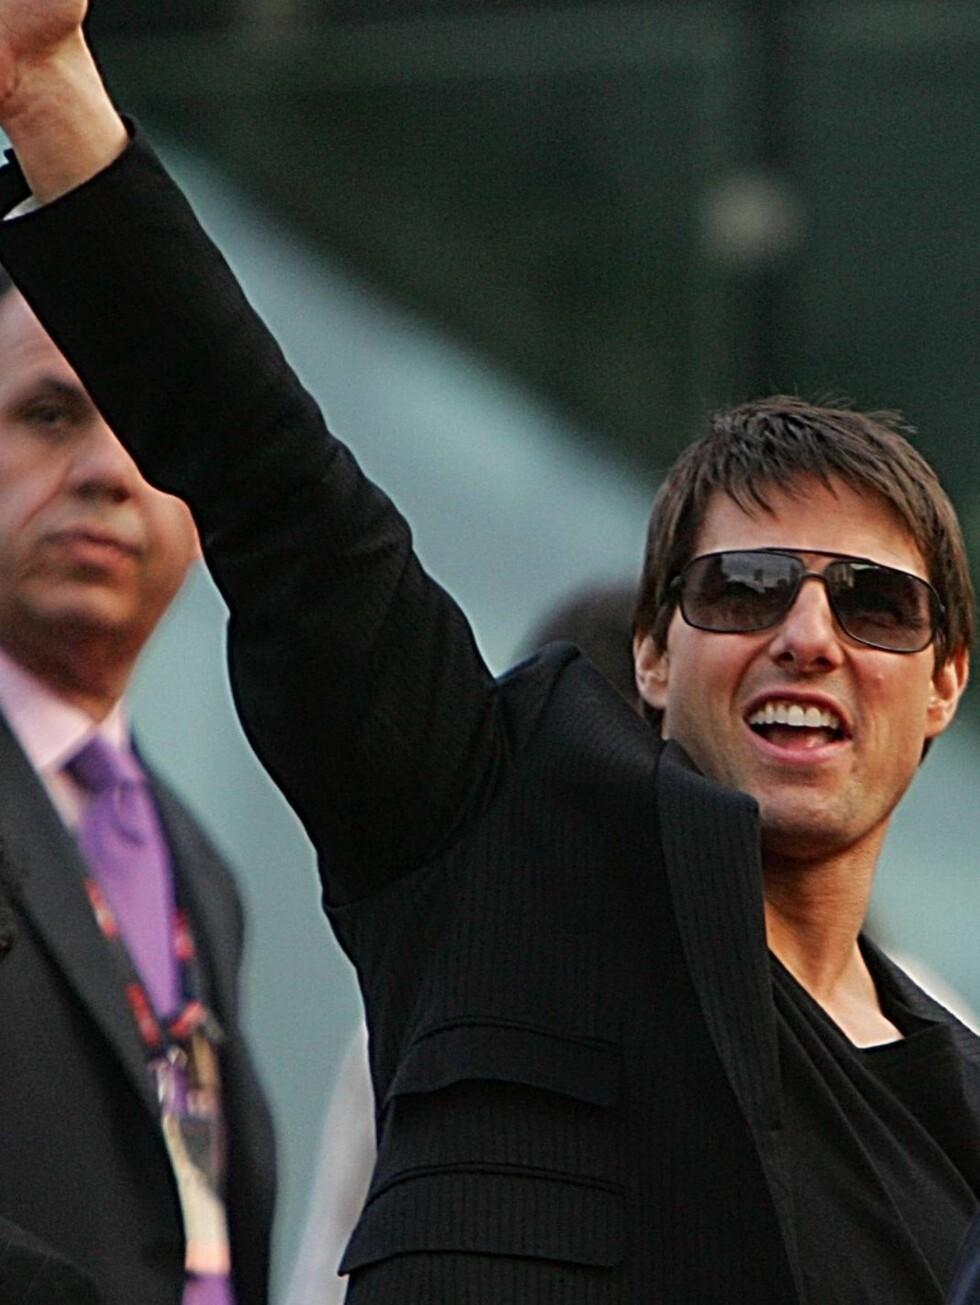 ER DET ET FLY?: Strekker Tom Cruise seg mot stjernene, eller prøver han å fortelle at Luftwaffe er på vei? Foto: AP/Scanpix